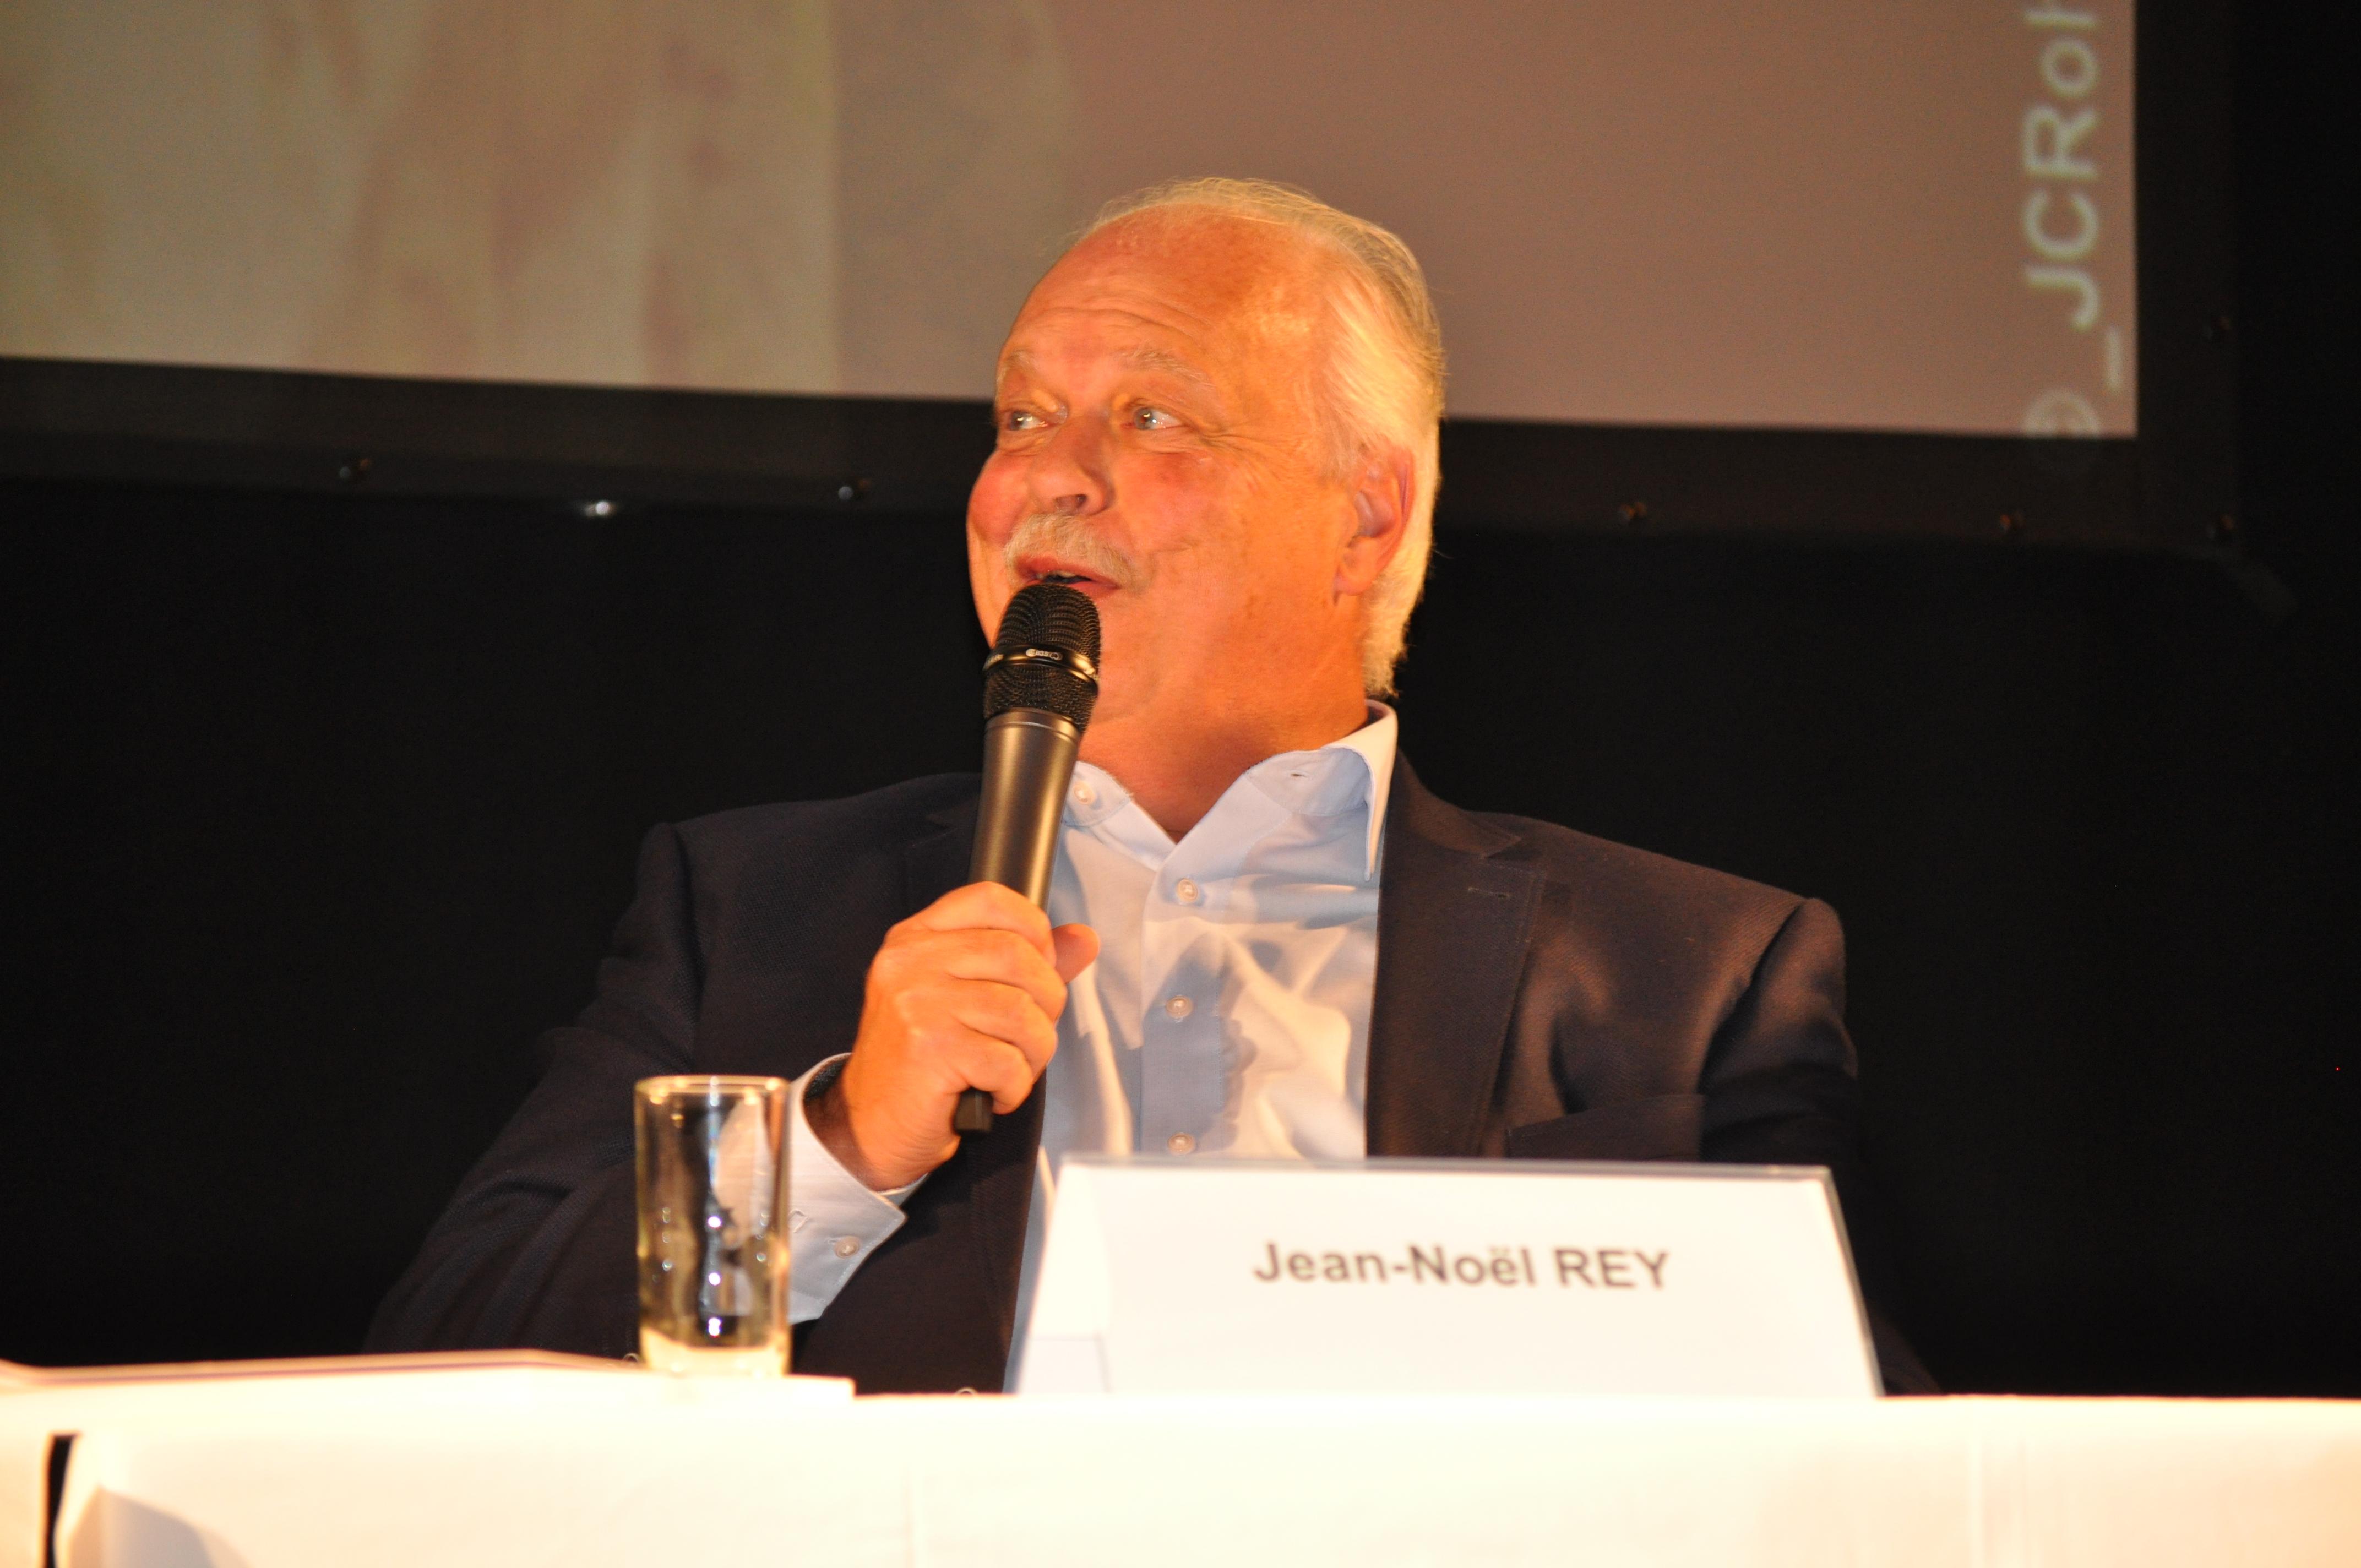 Jean-Noël Rey